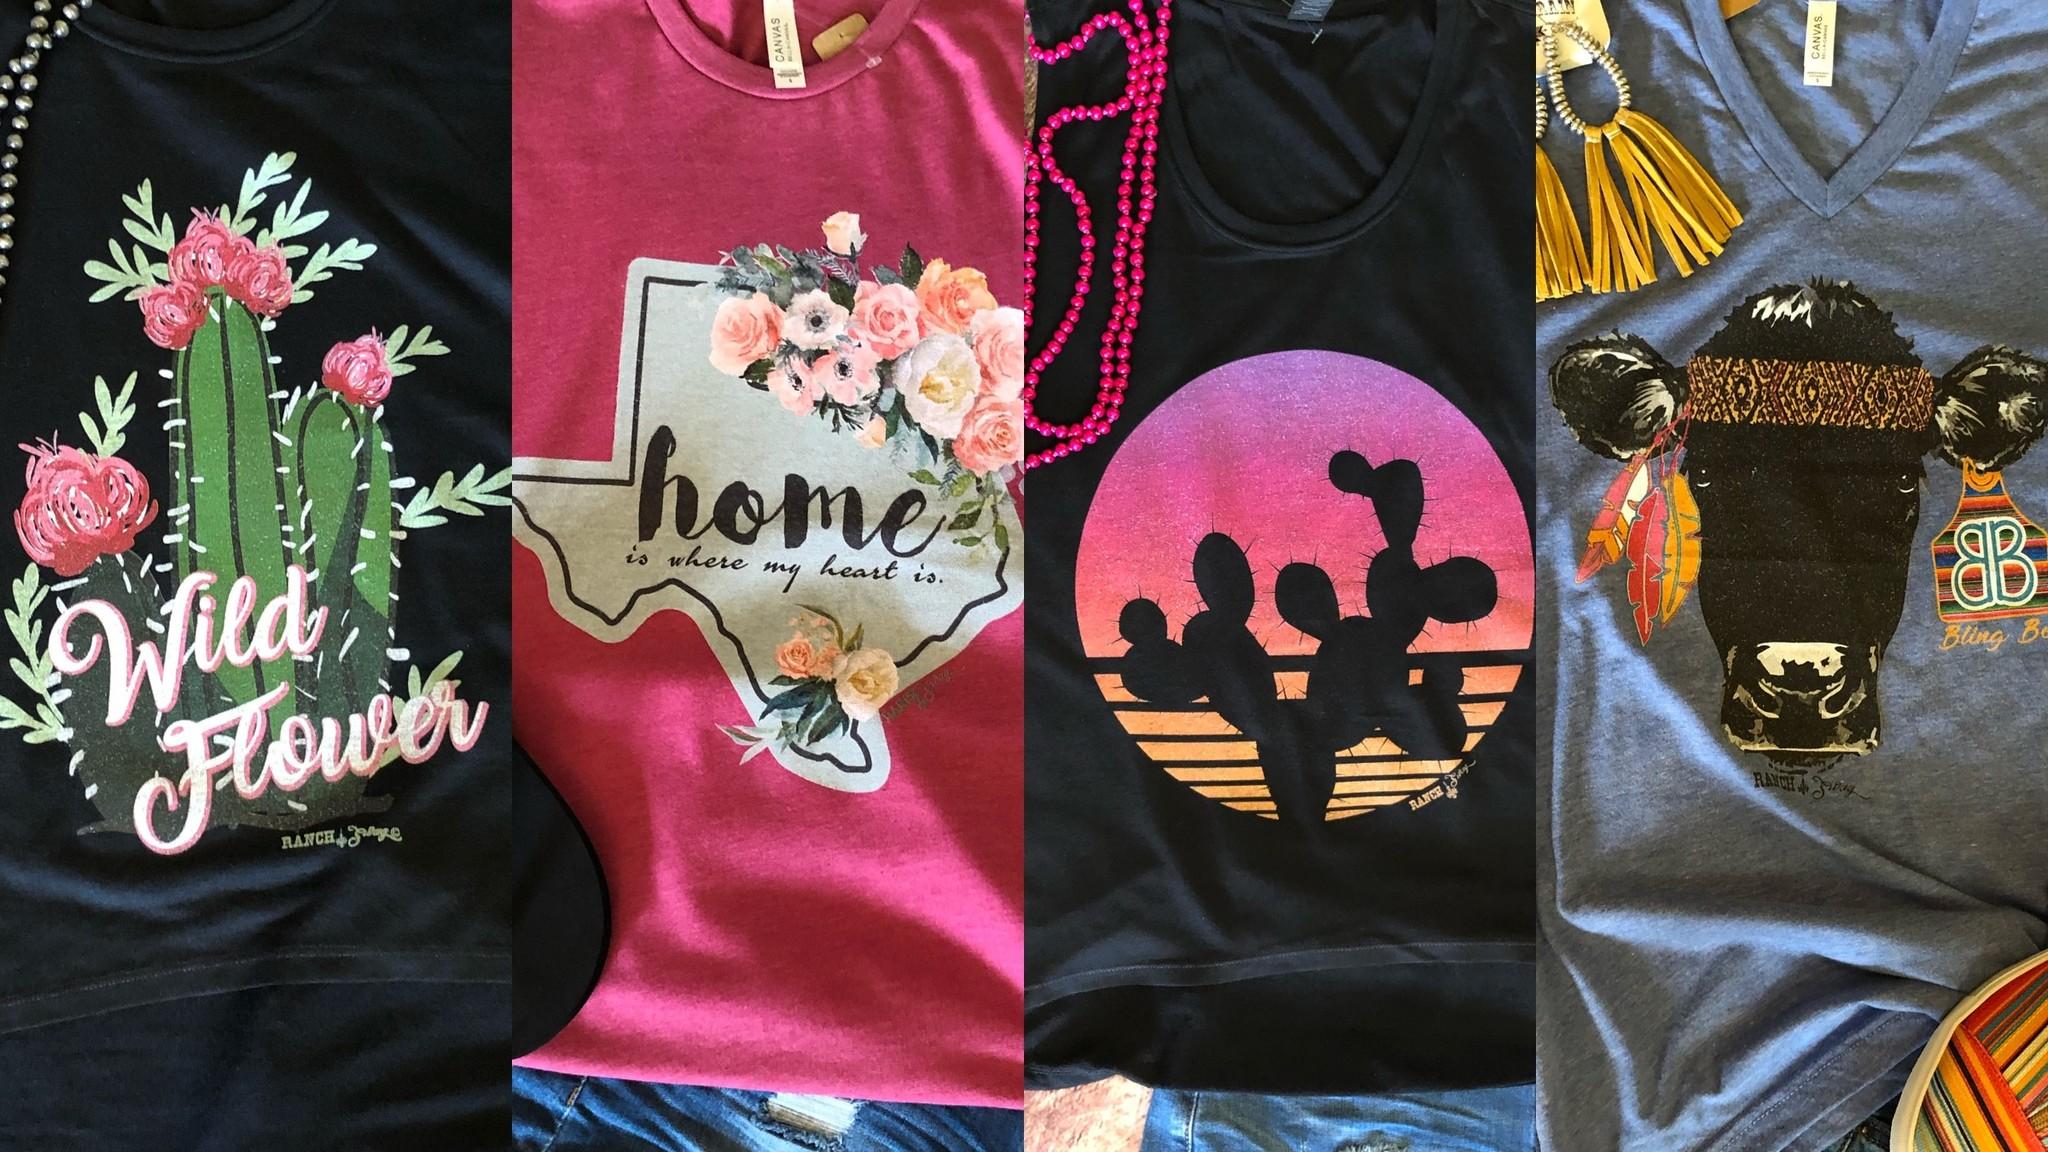 b94430427 Women's Boutique Clothing Store Texas, Online Boutique Dress Shop ...